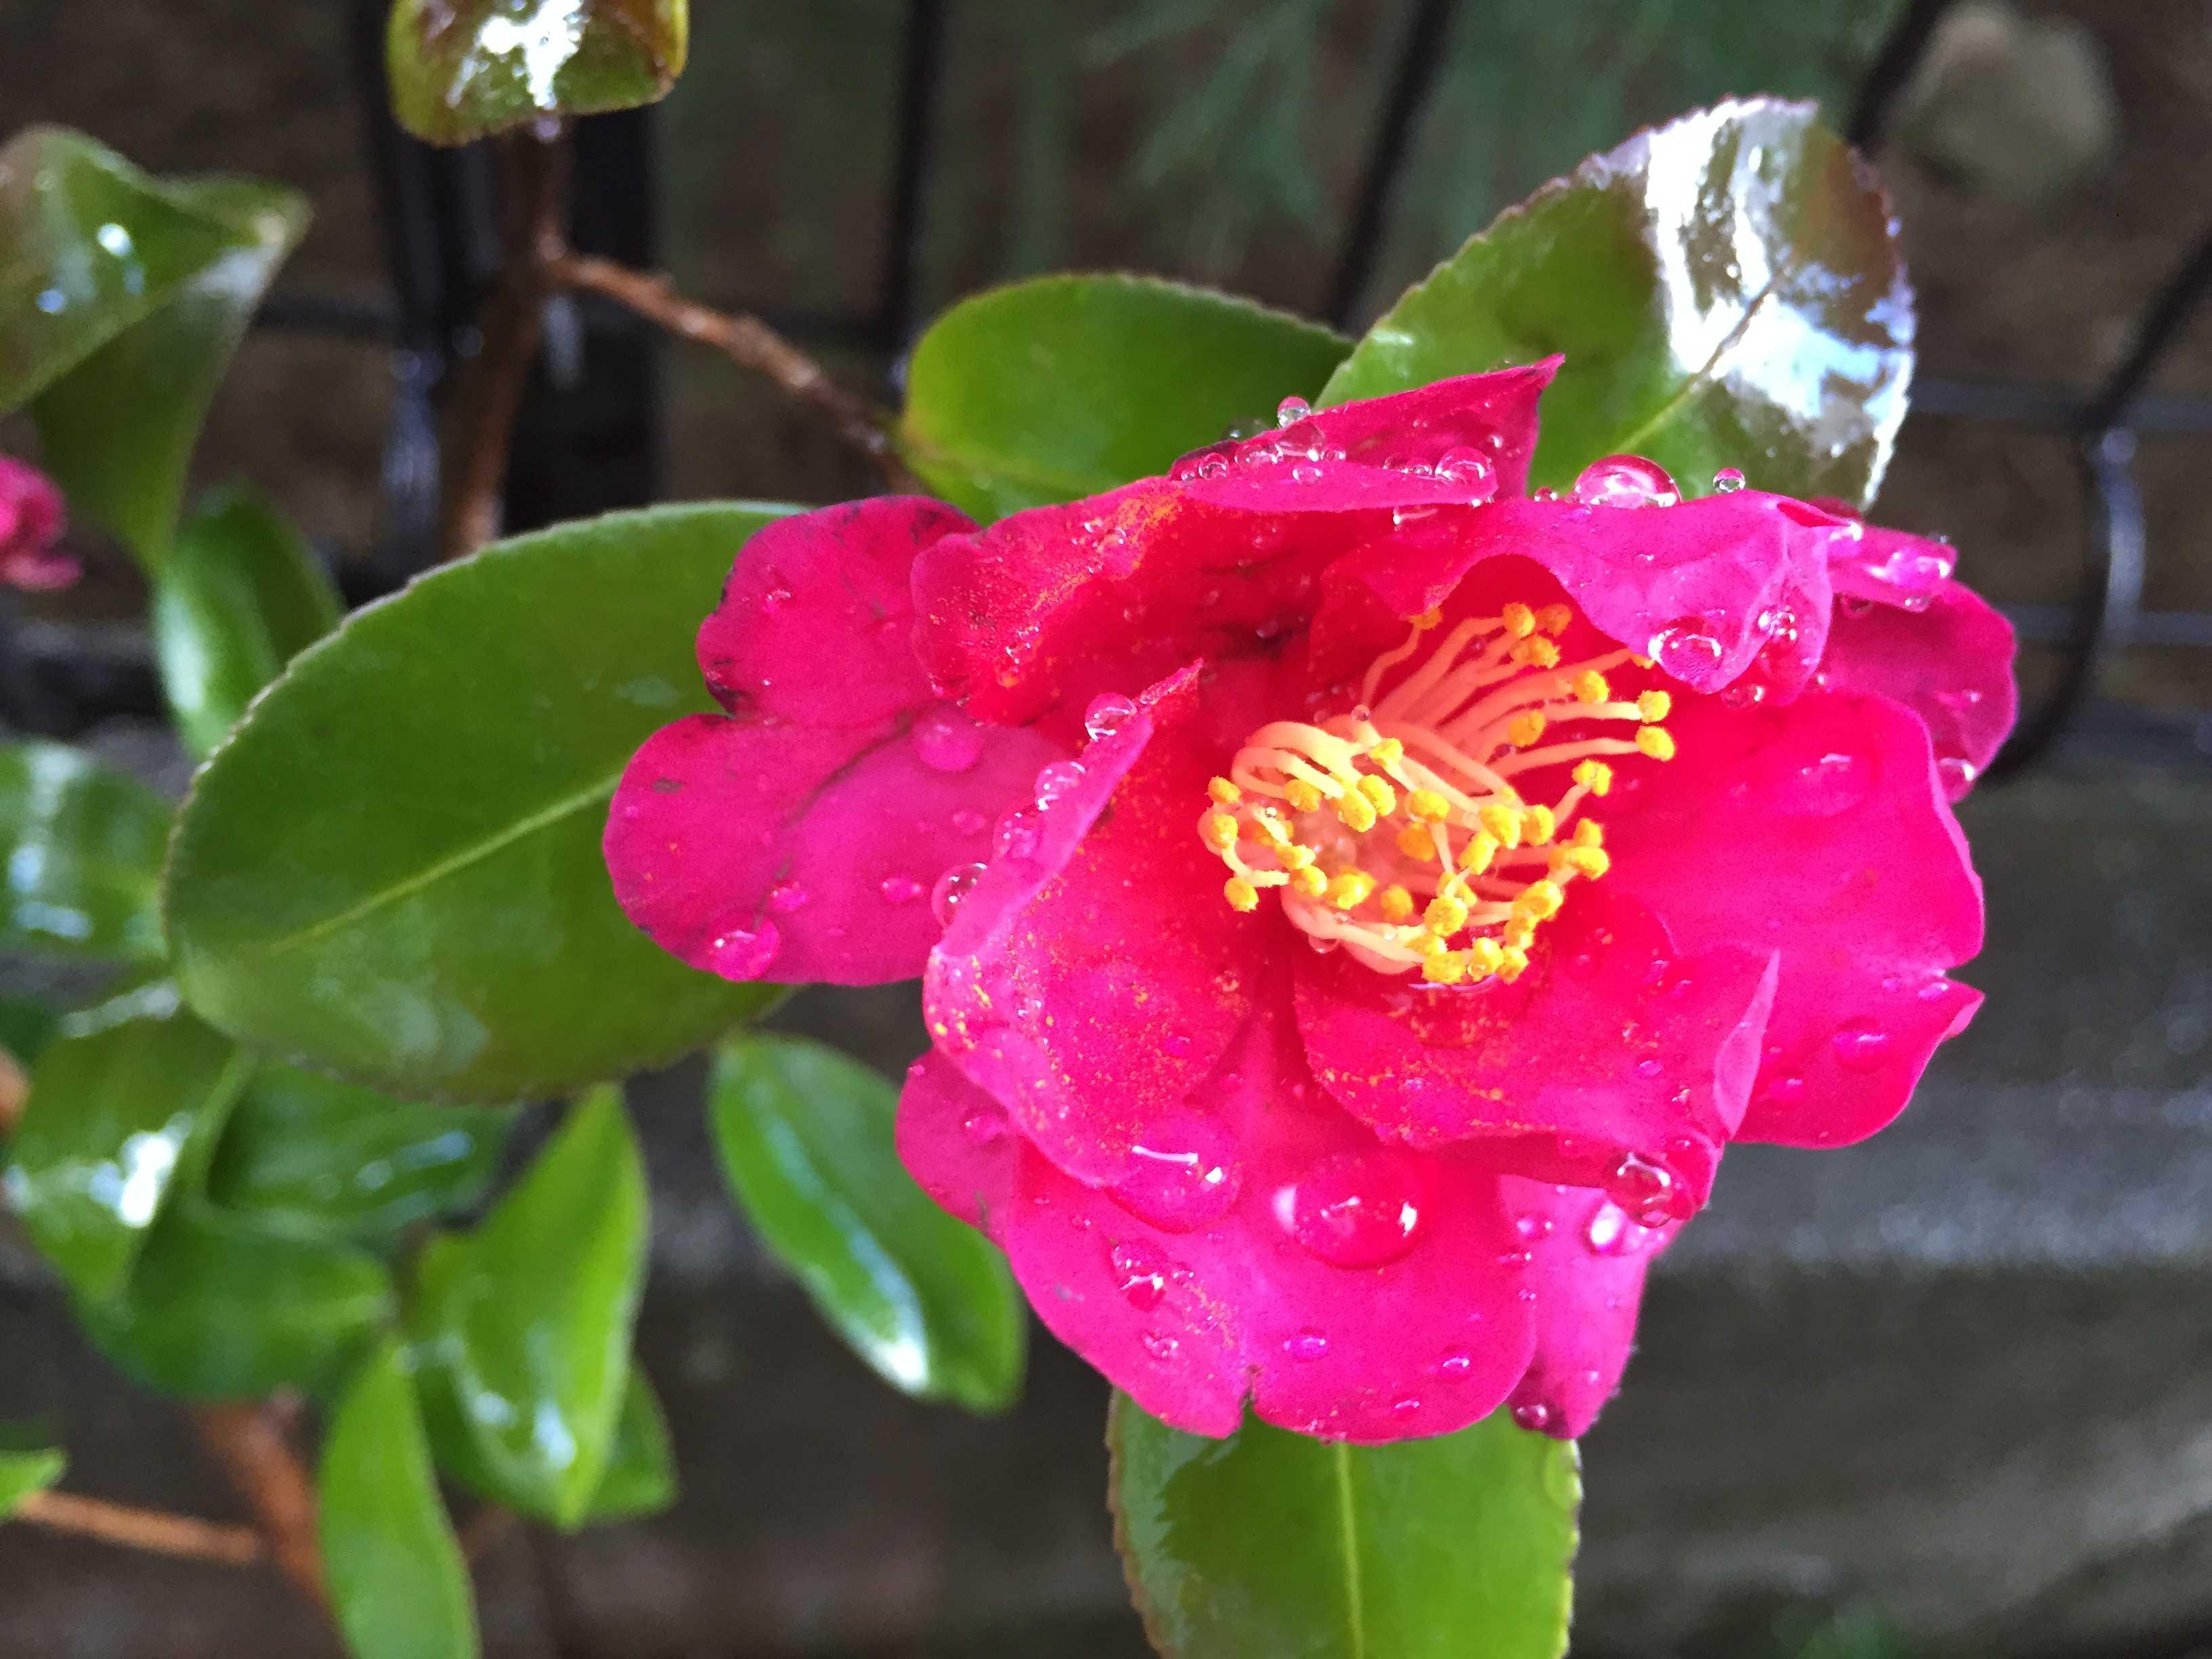 サザンカ(タチカン/立寒椿)の勘次郎のショッキングピンクの花びら